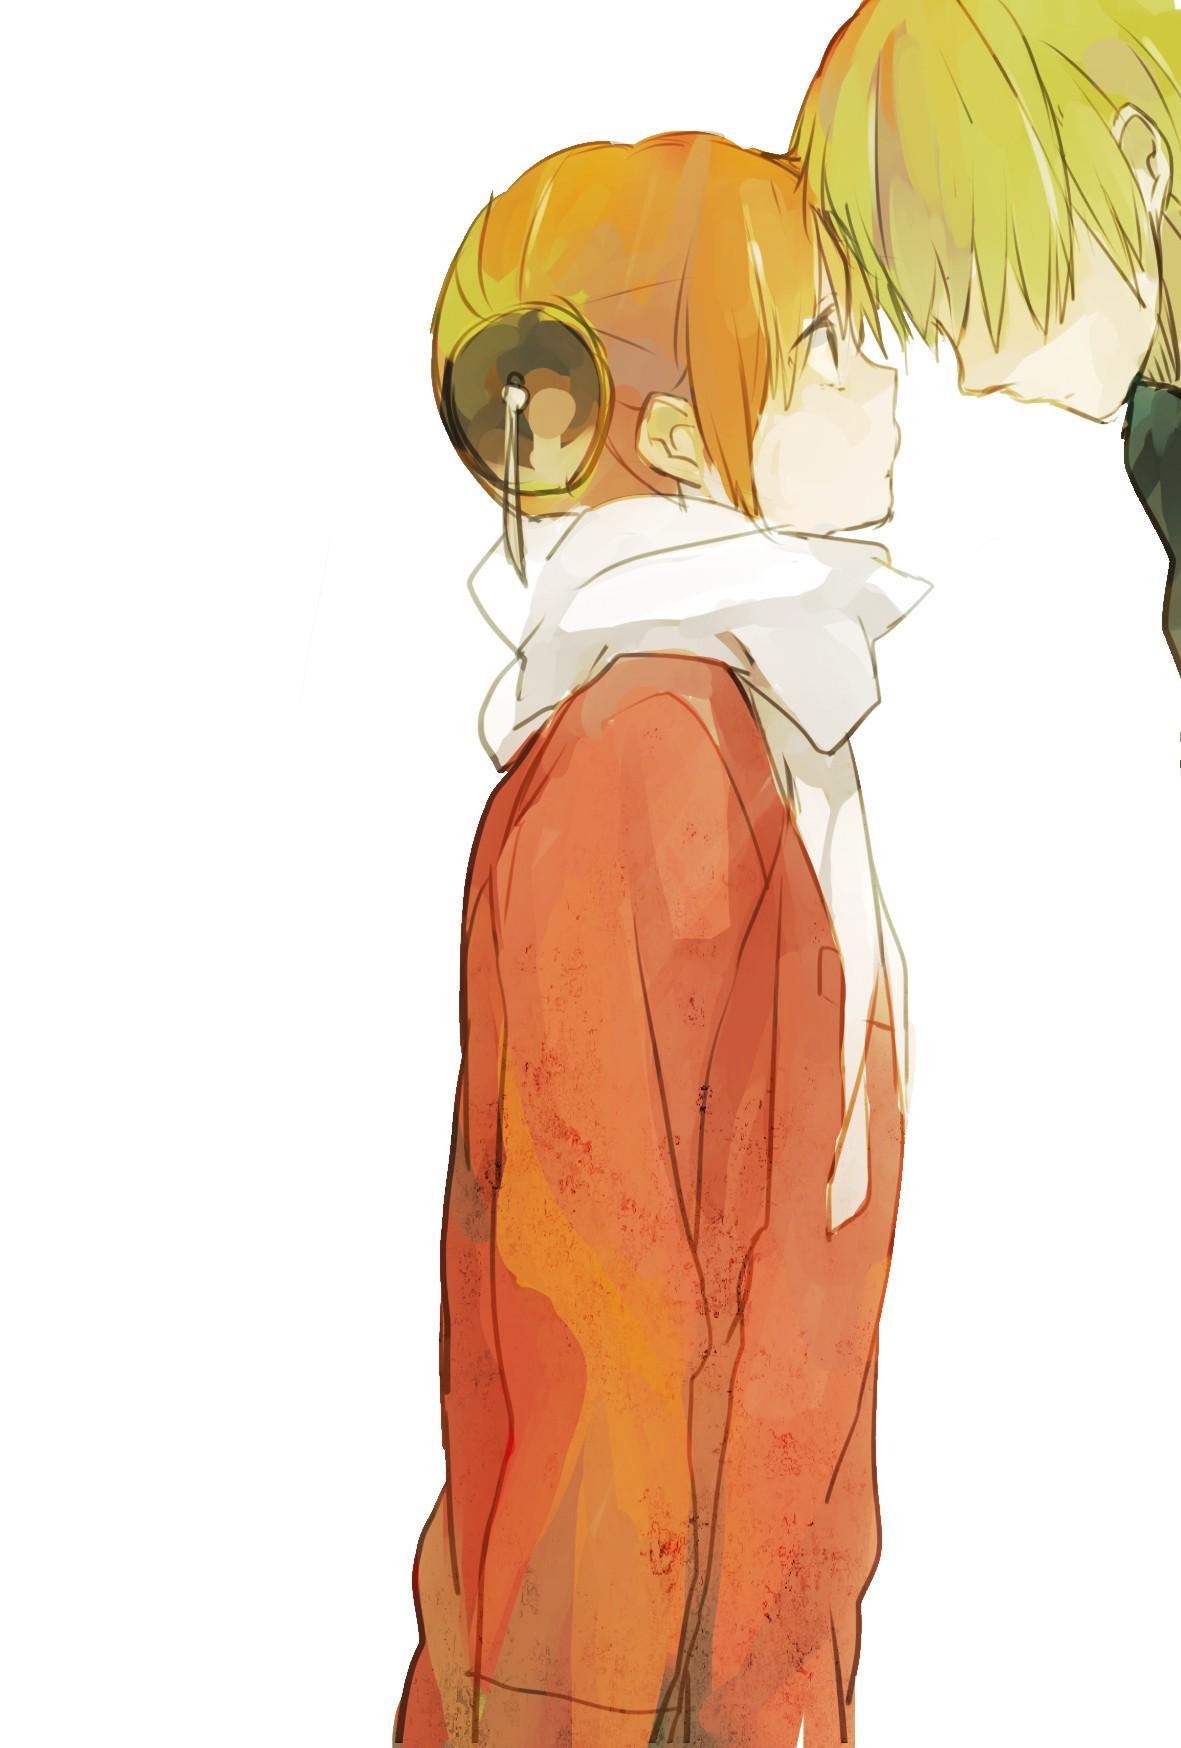 デスクトップ壁紙 図 赤毛 アニメの女の子 漫画 銀魂 神楽